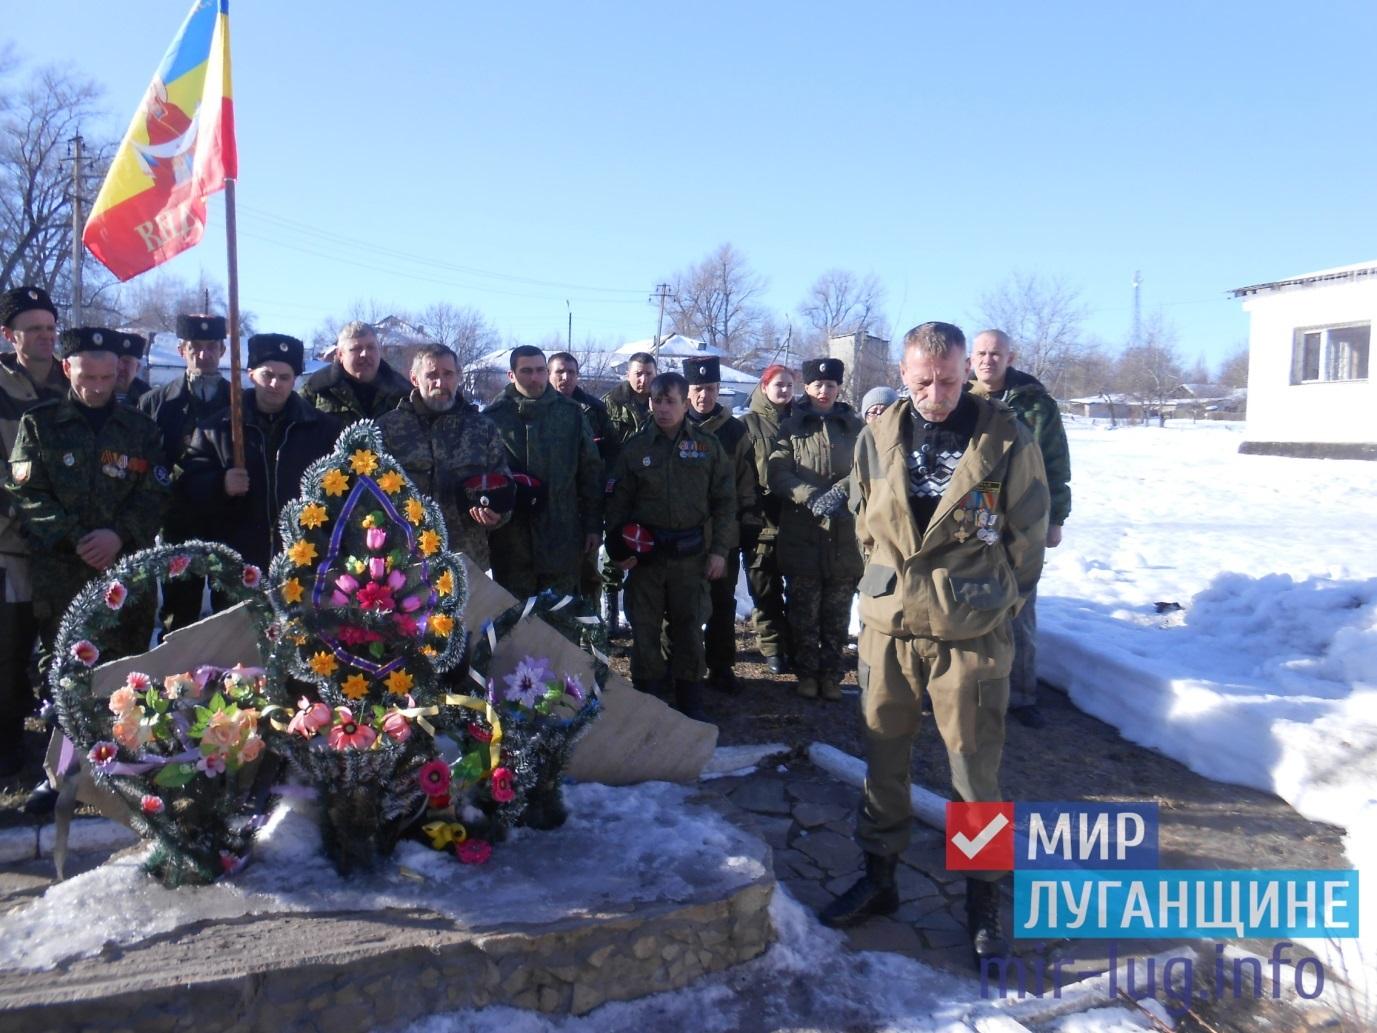 Митинг в честь четвёртой годовщины окончания Чернухинско-Дебальцевской операции прошел в Фащевке 1